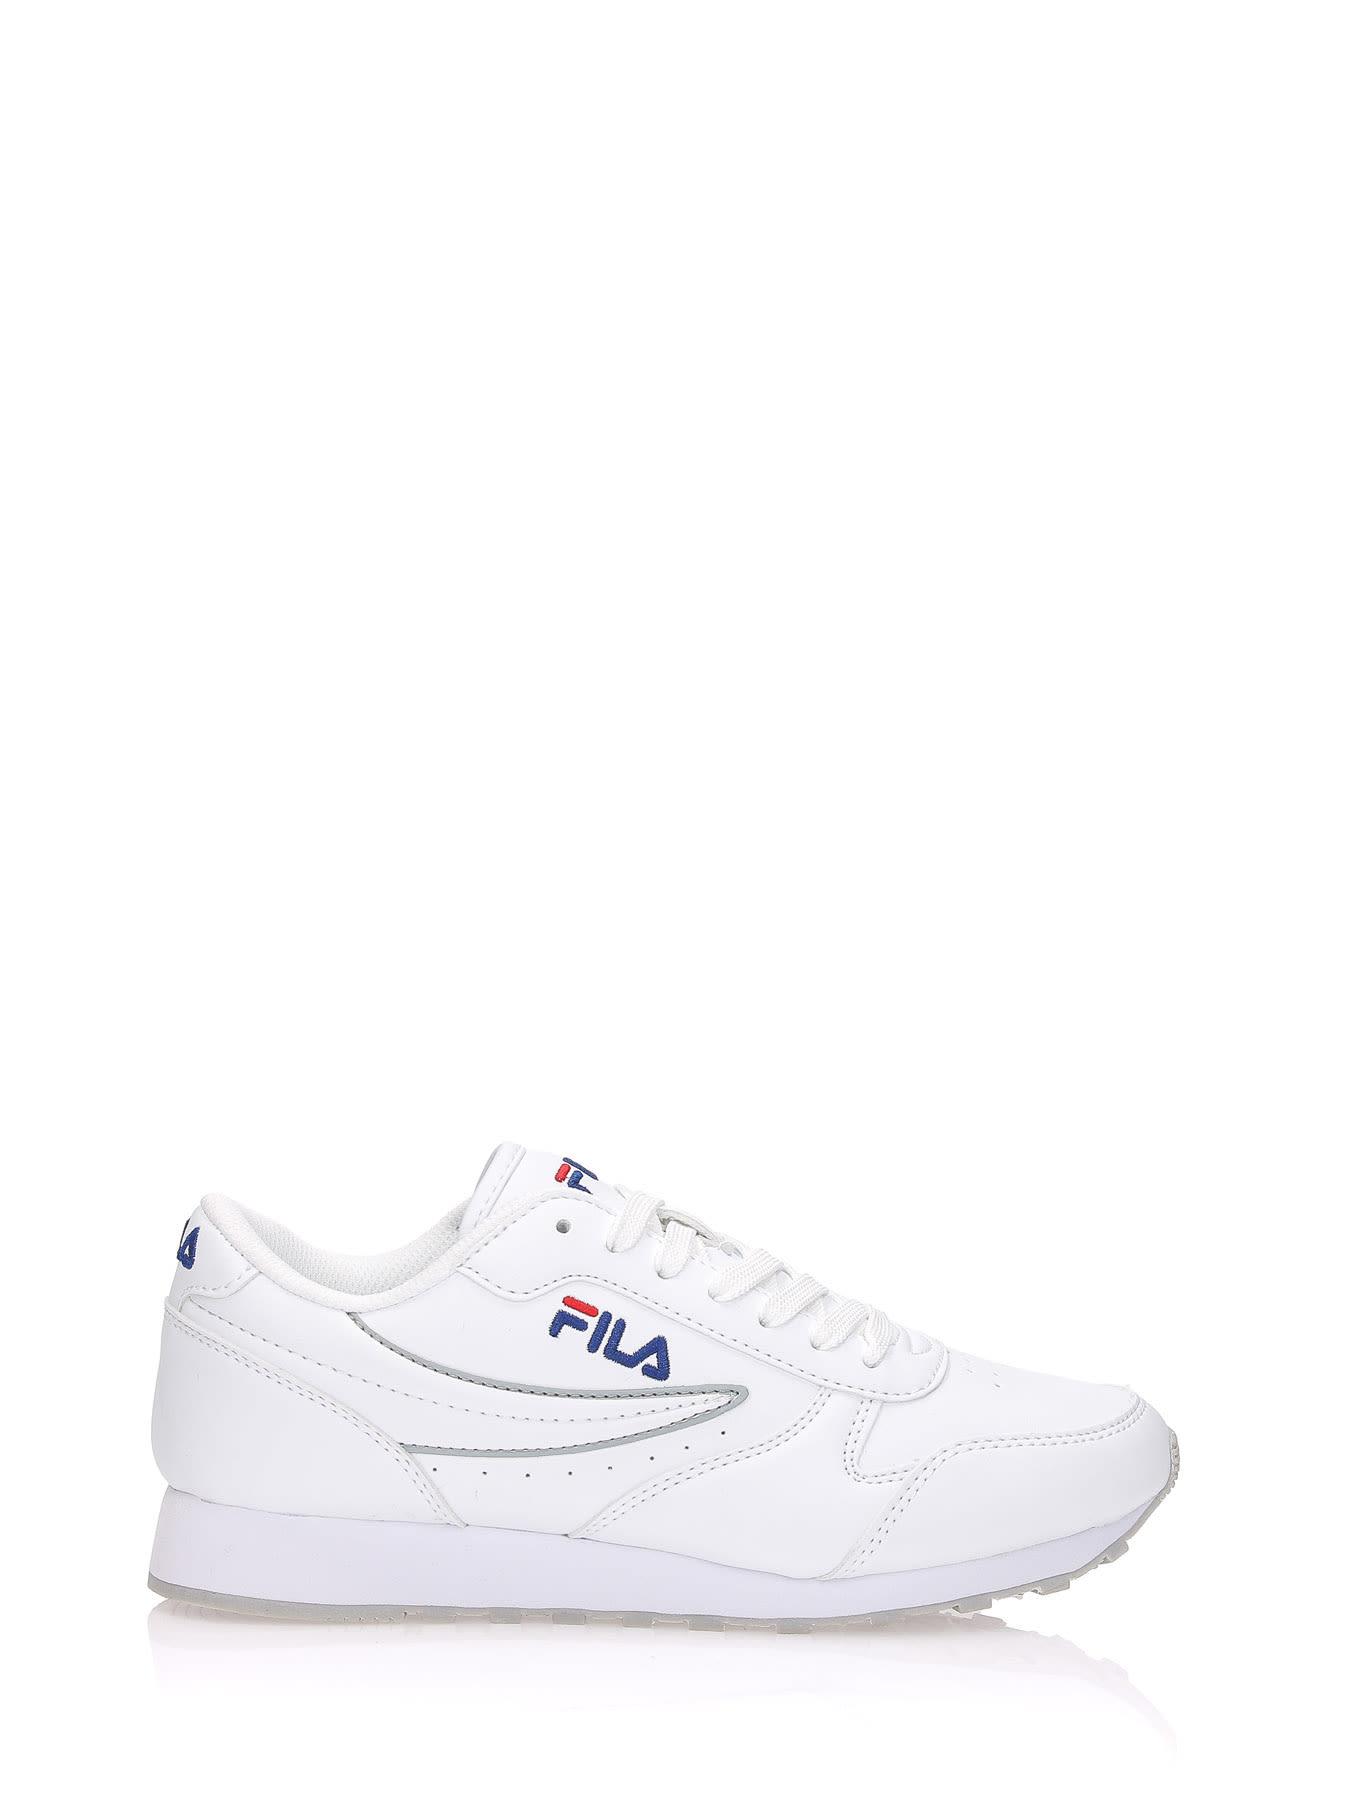 Fila Sneakers Orbit Low Wmn